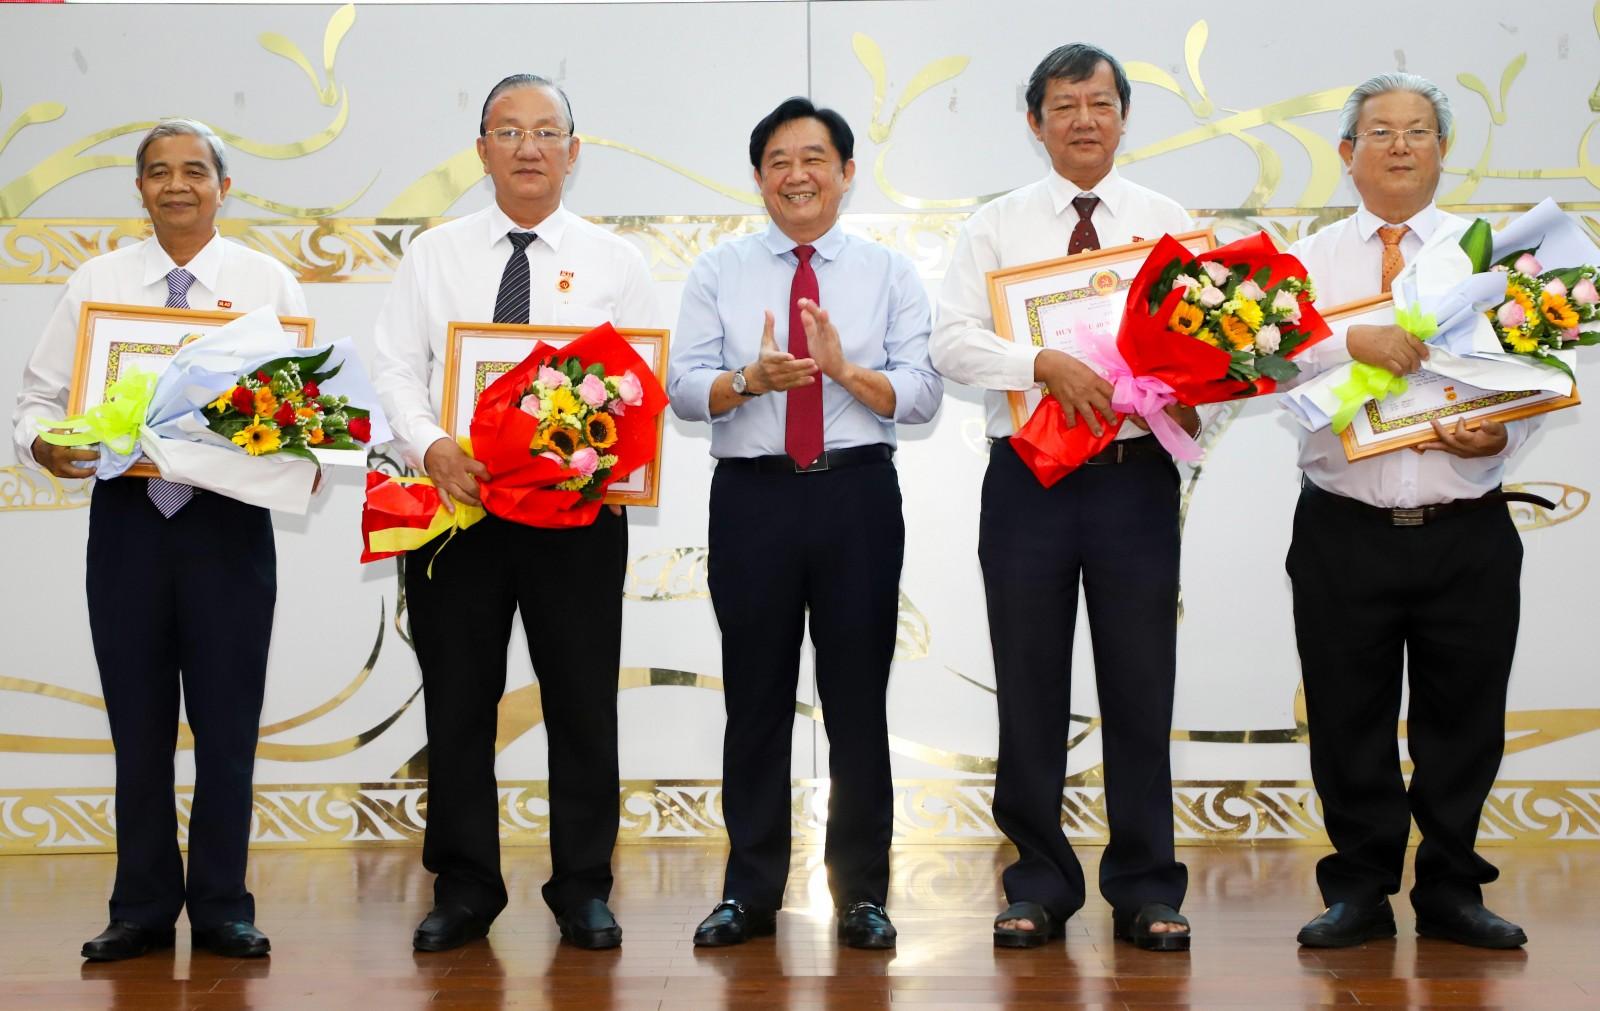 Bình Dương Đảng ủy khối Các cơ quan và doanh nghiệp nâng cao trách nhiệm trong công tác tham mưu